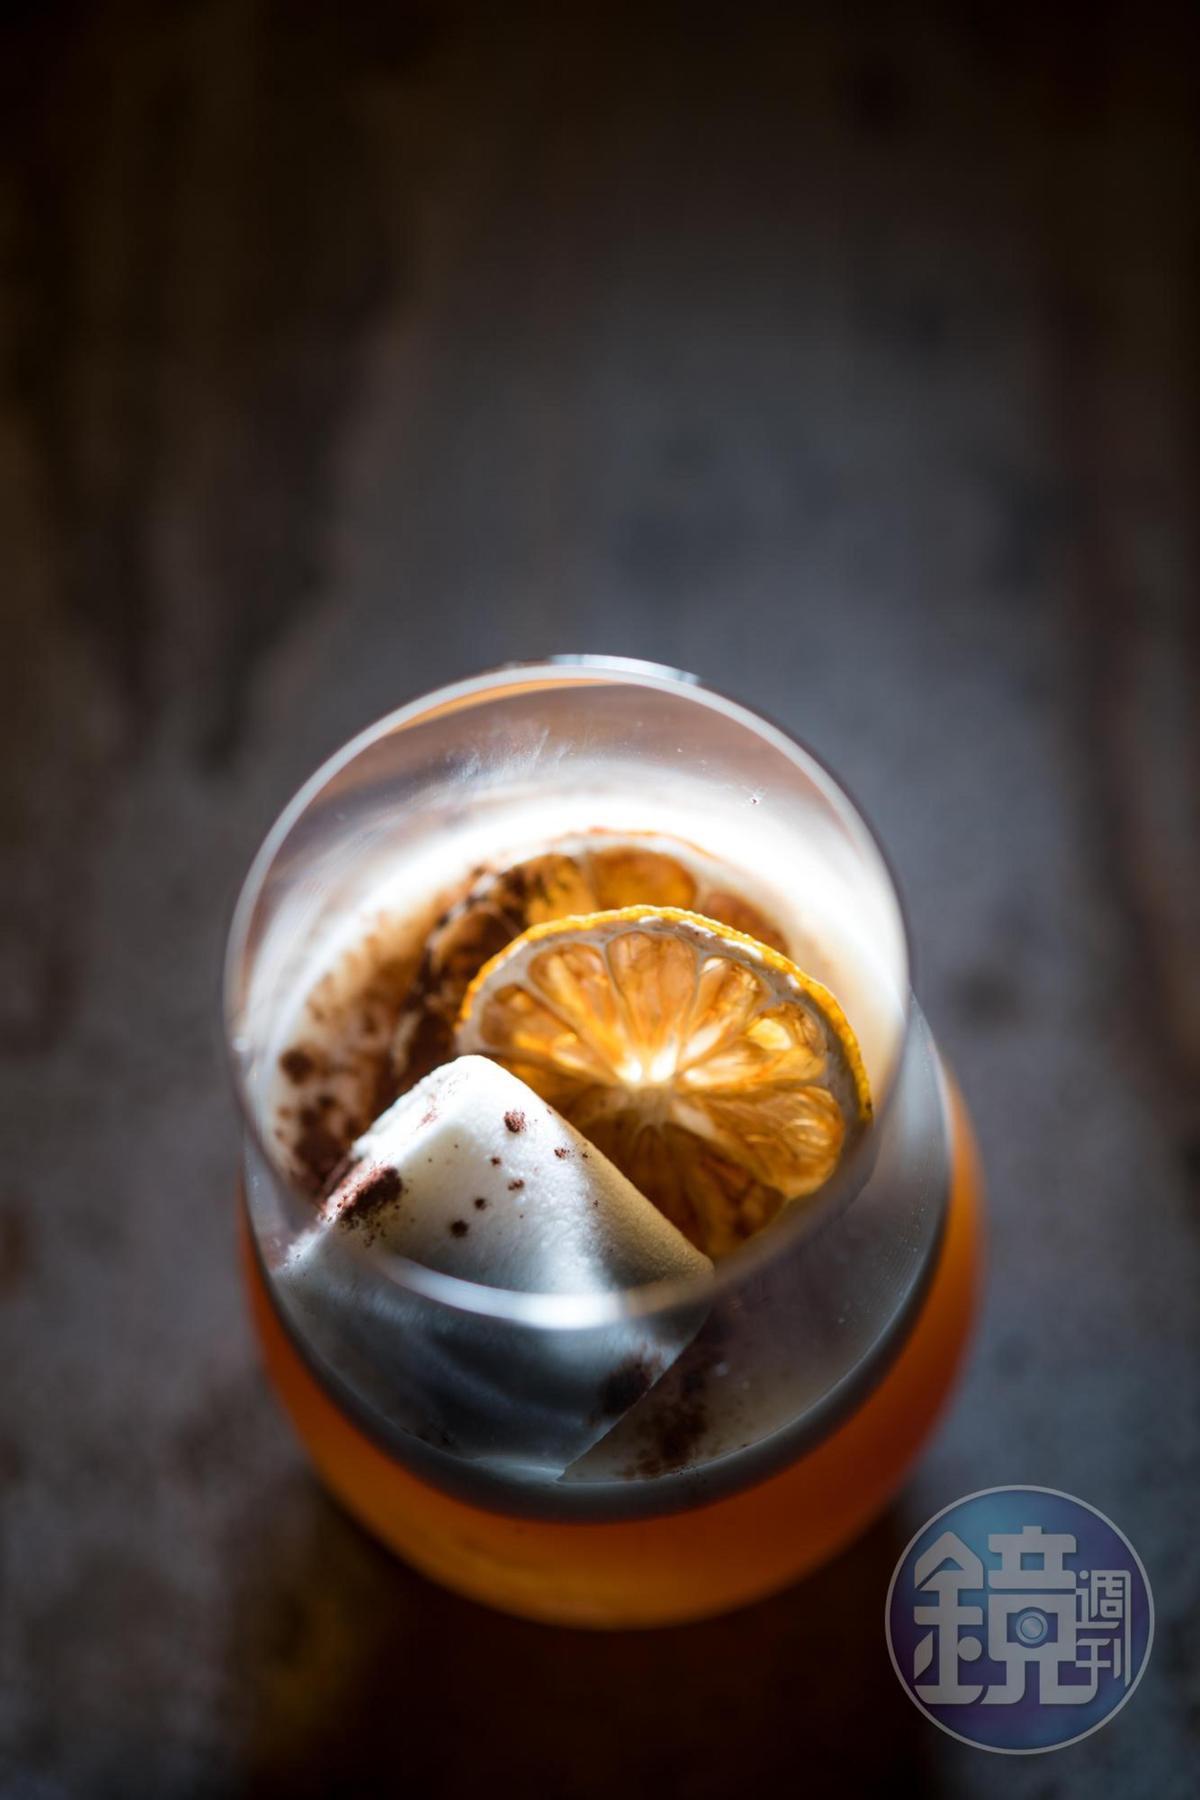 以蘭姆酒加鳯梨汁的「浪漫旅程」,帶有可可香氣。(350元/杯)